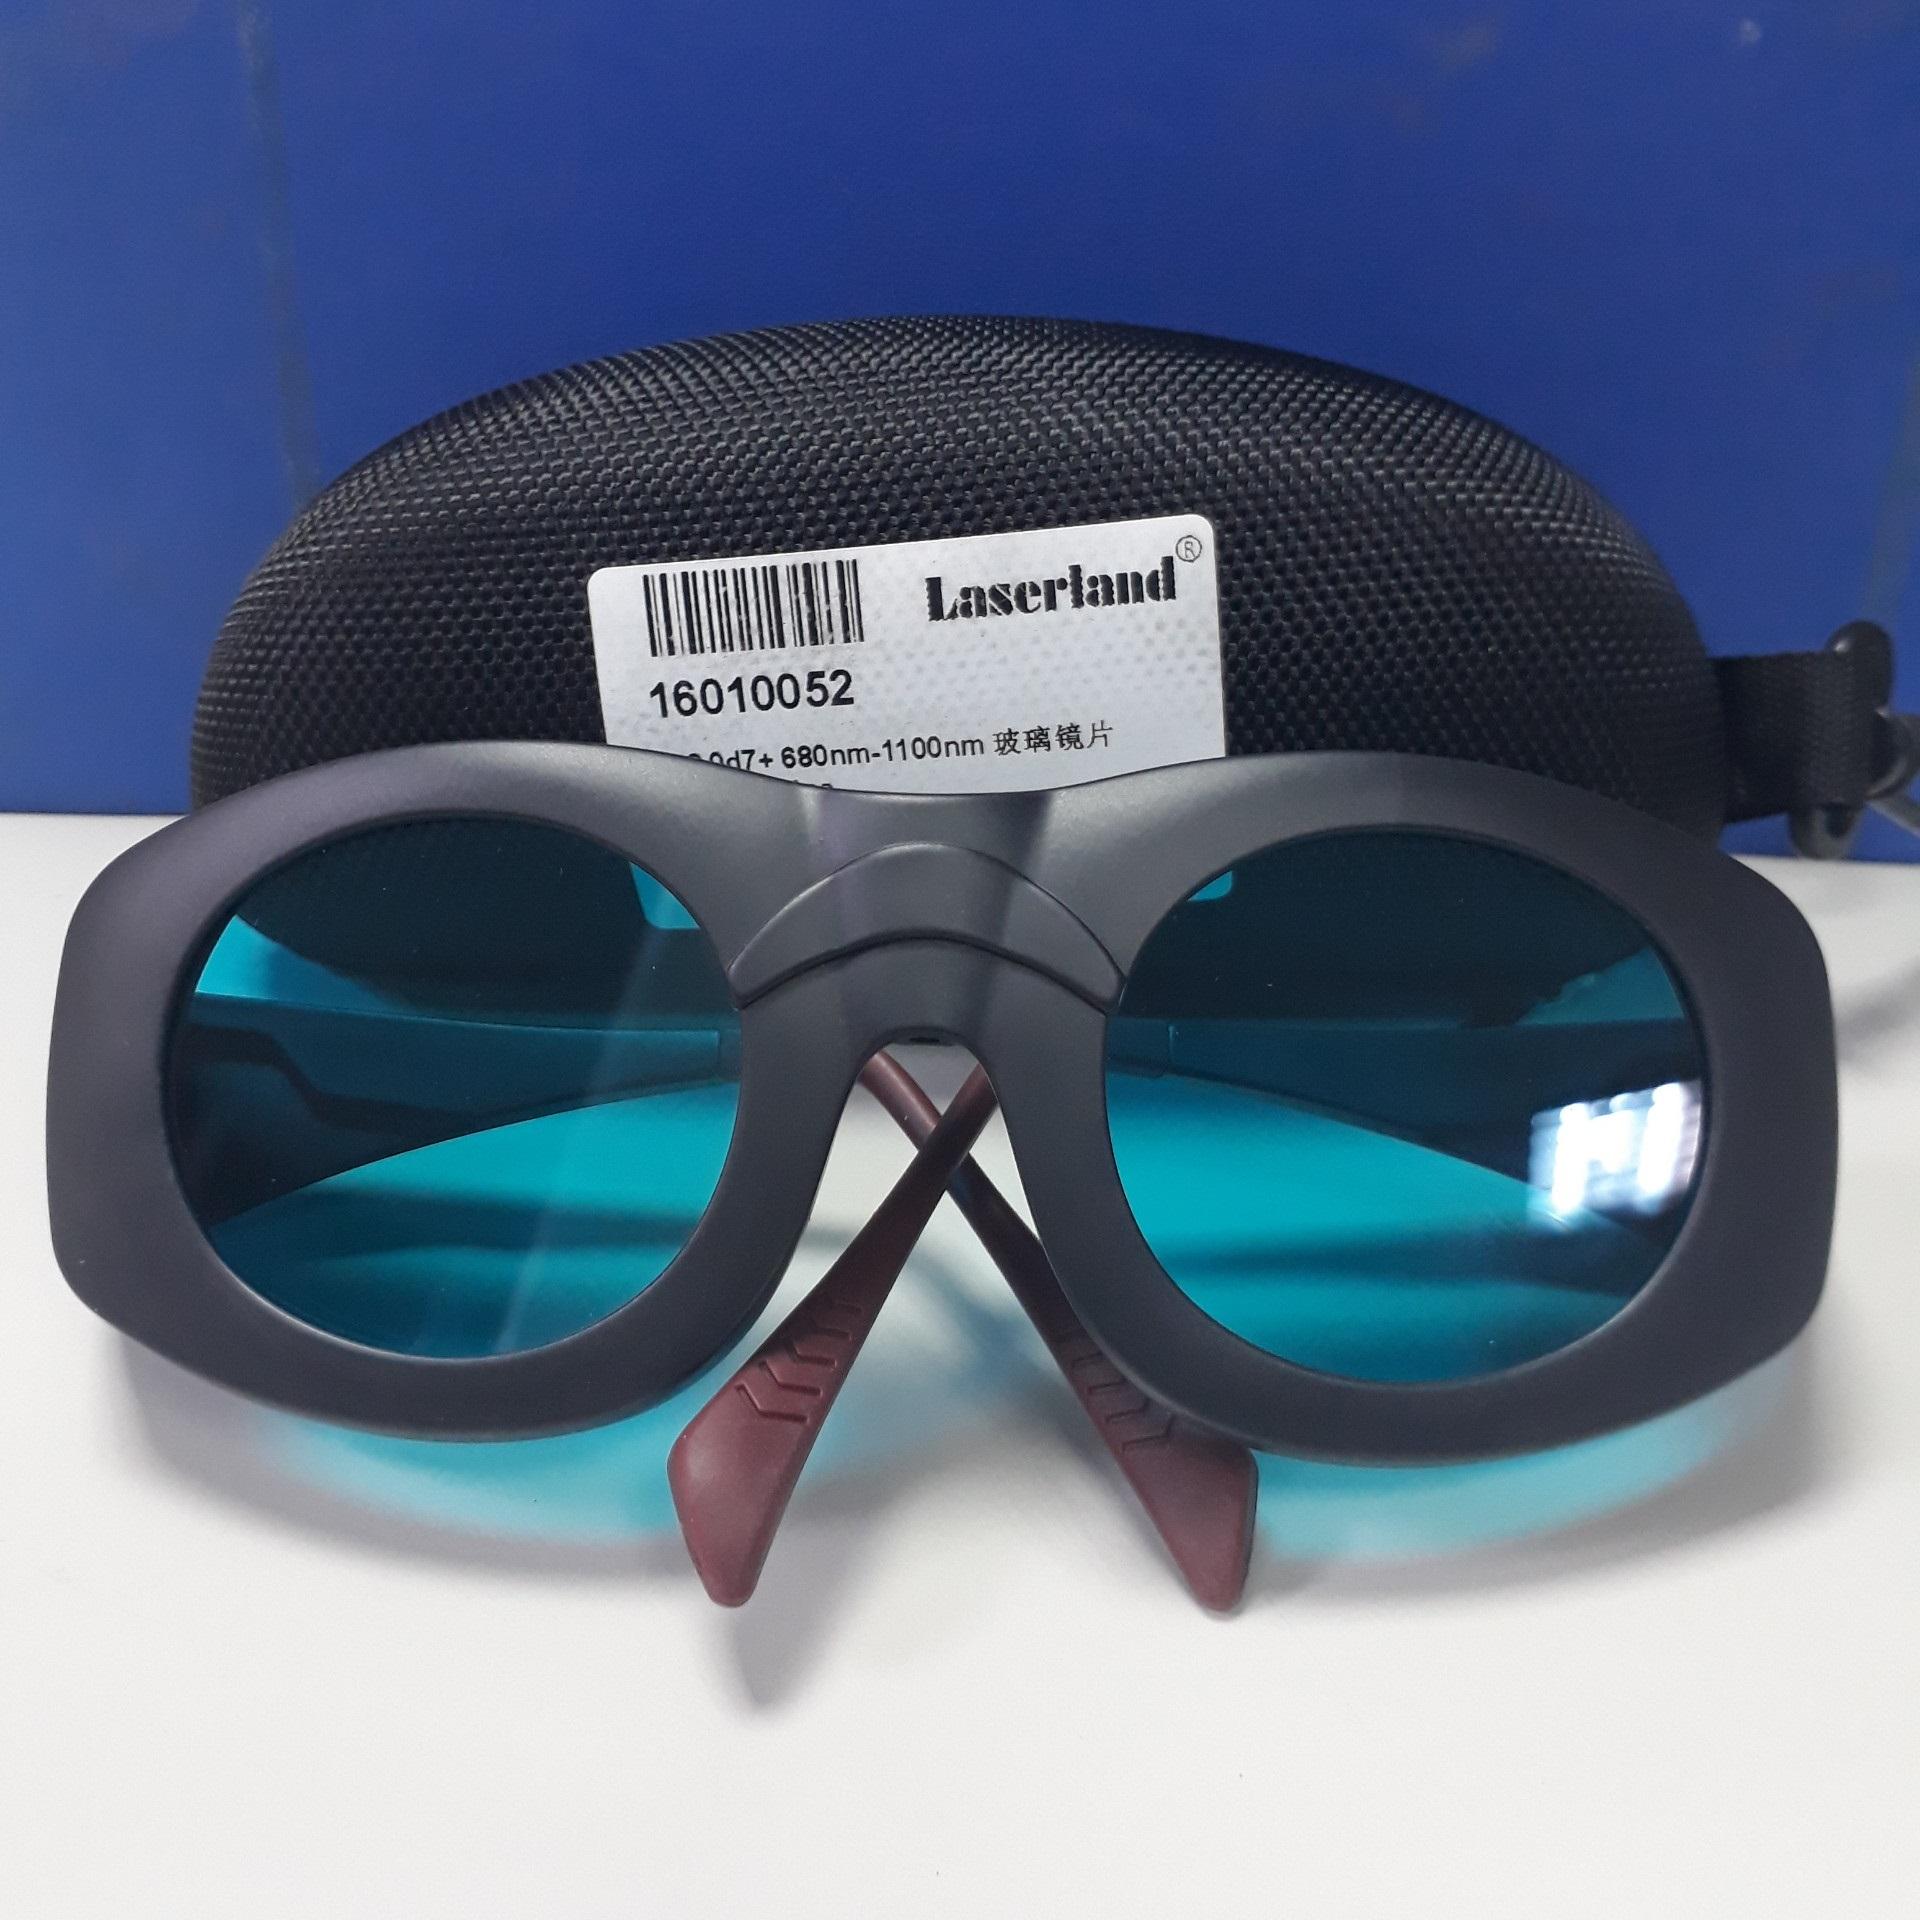 Kính chống tia laser